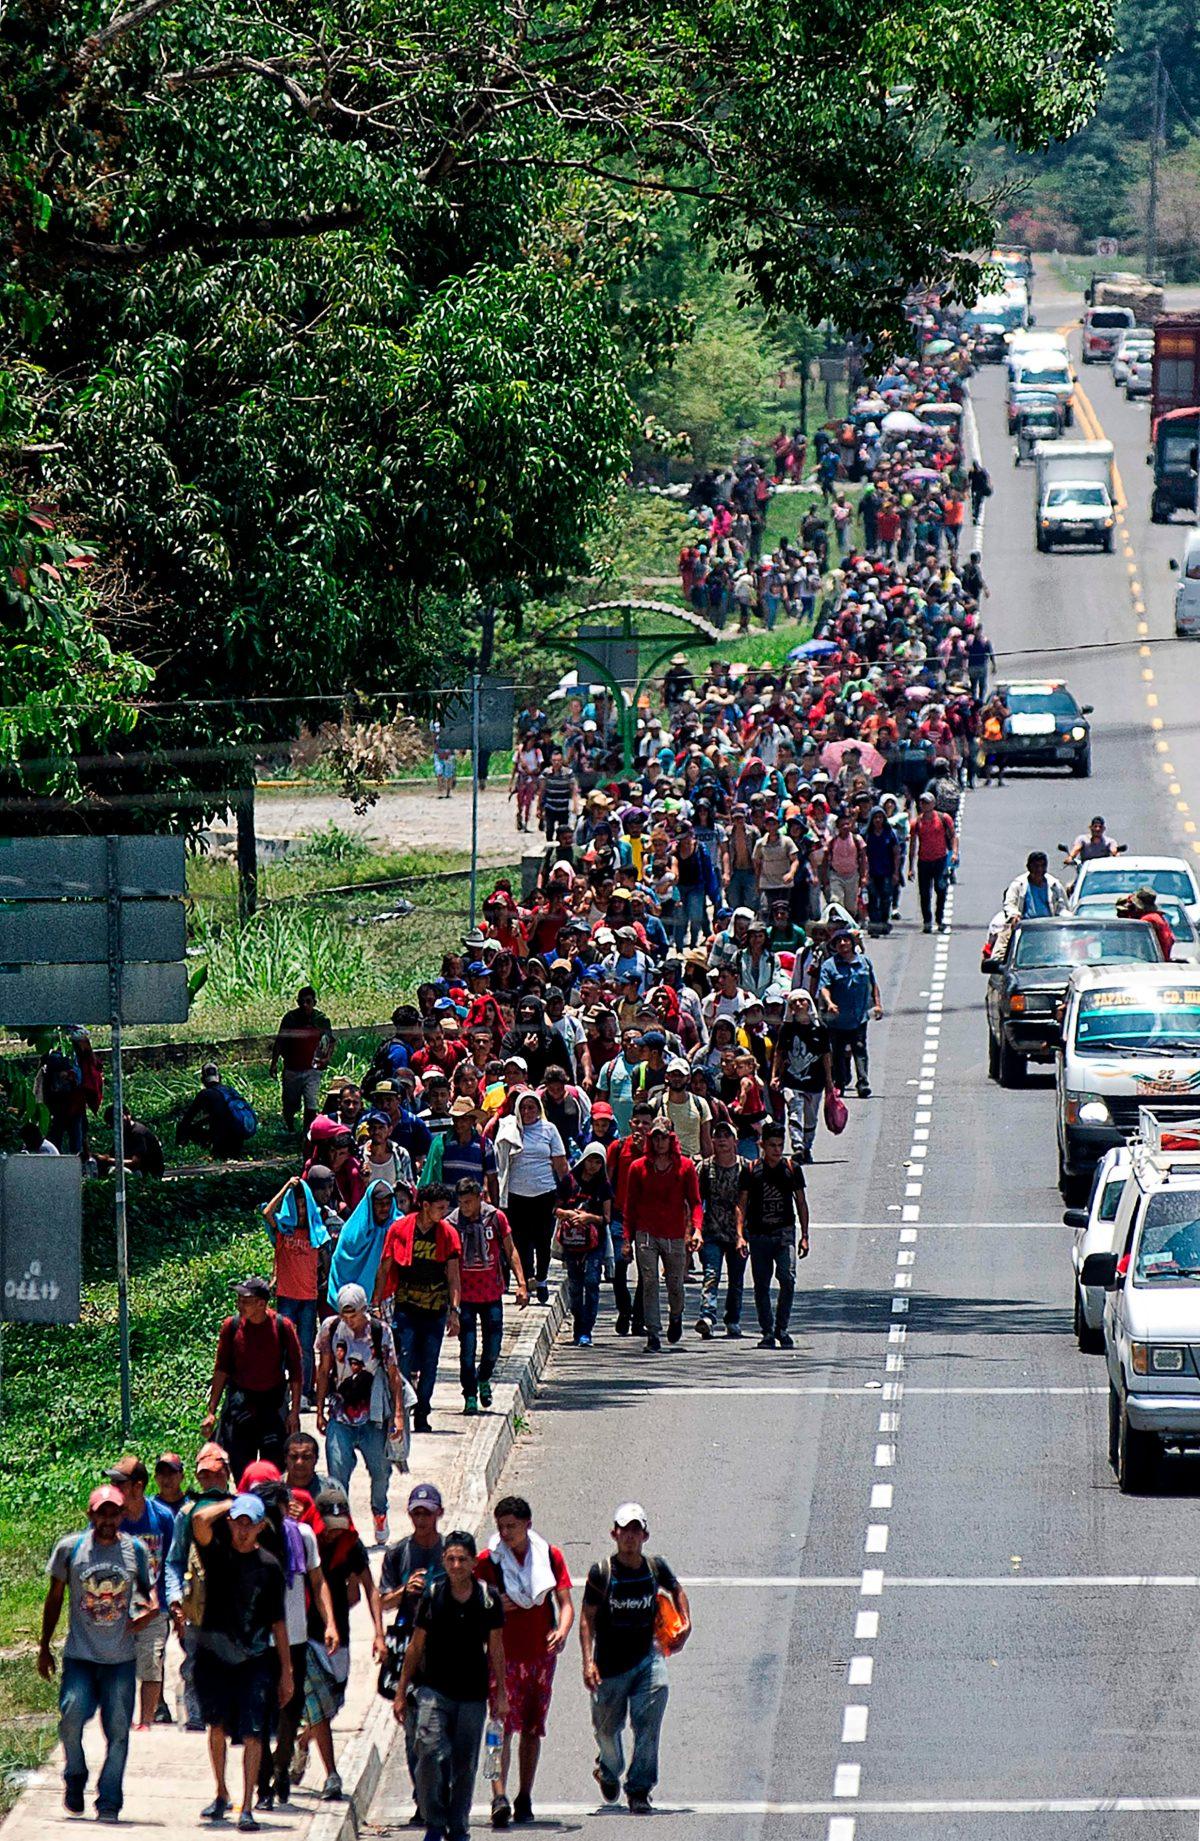 Riesgo por sarampión y fiebre amarilla se eleva por paso de caravanas de migrantes